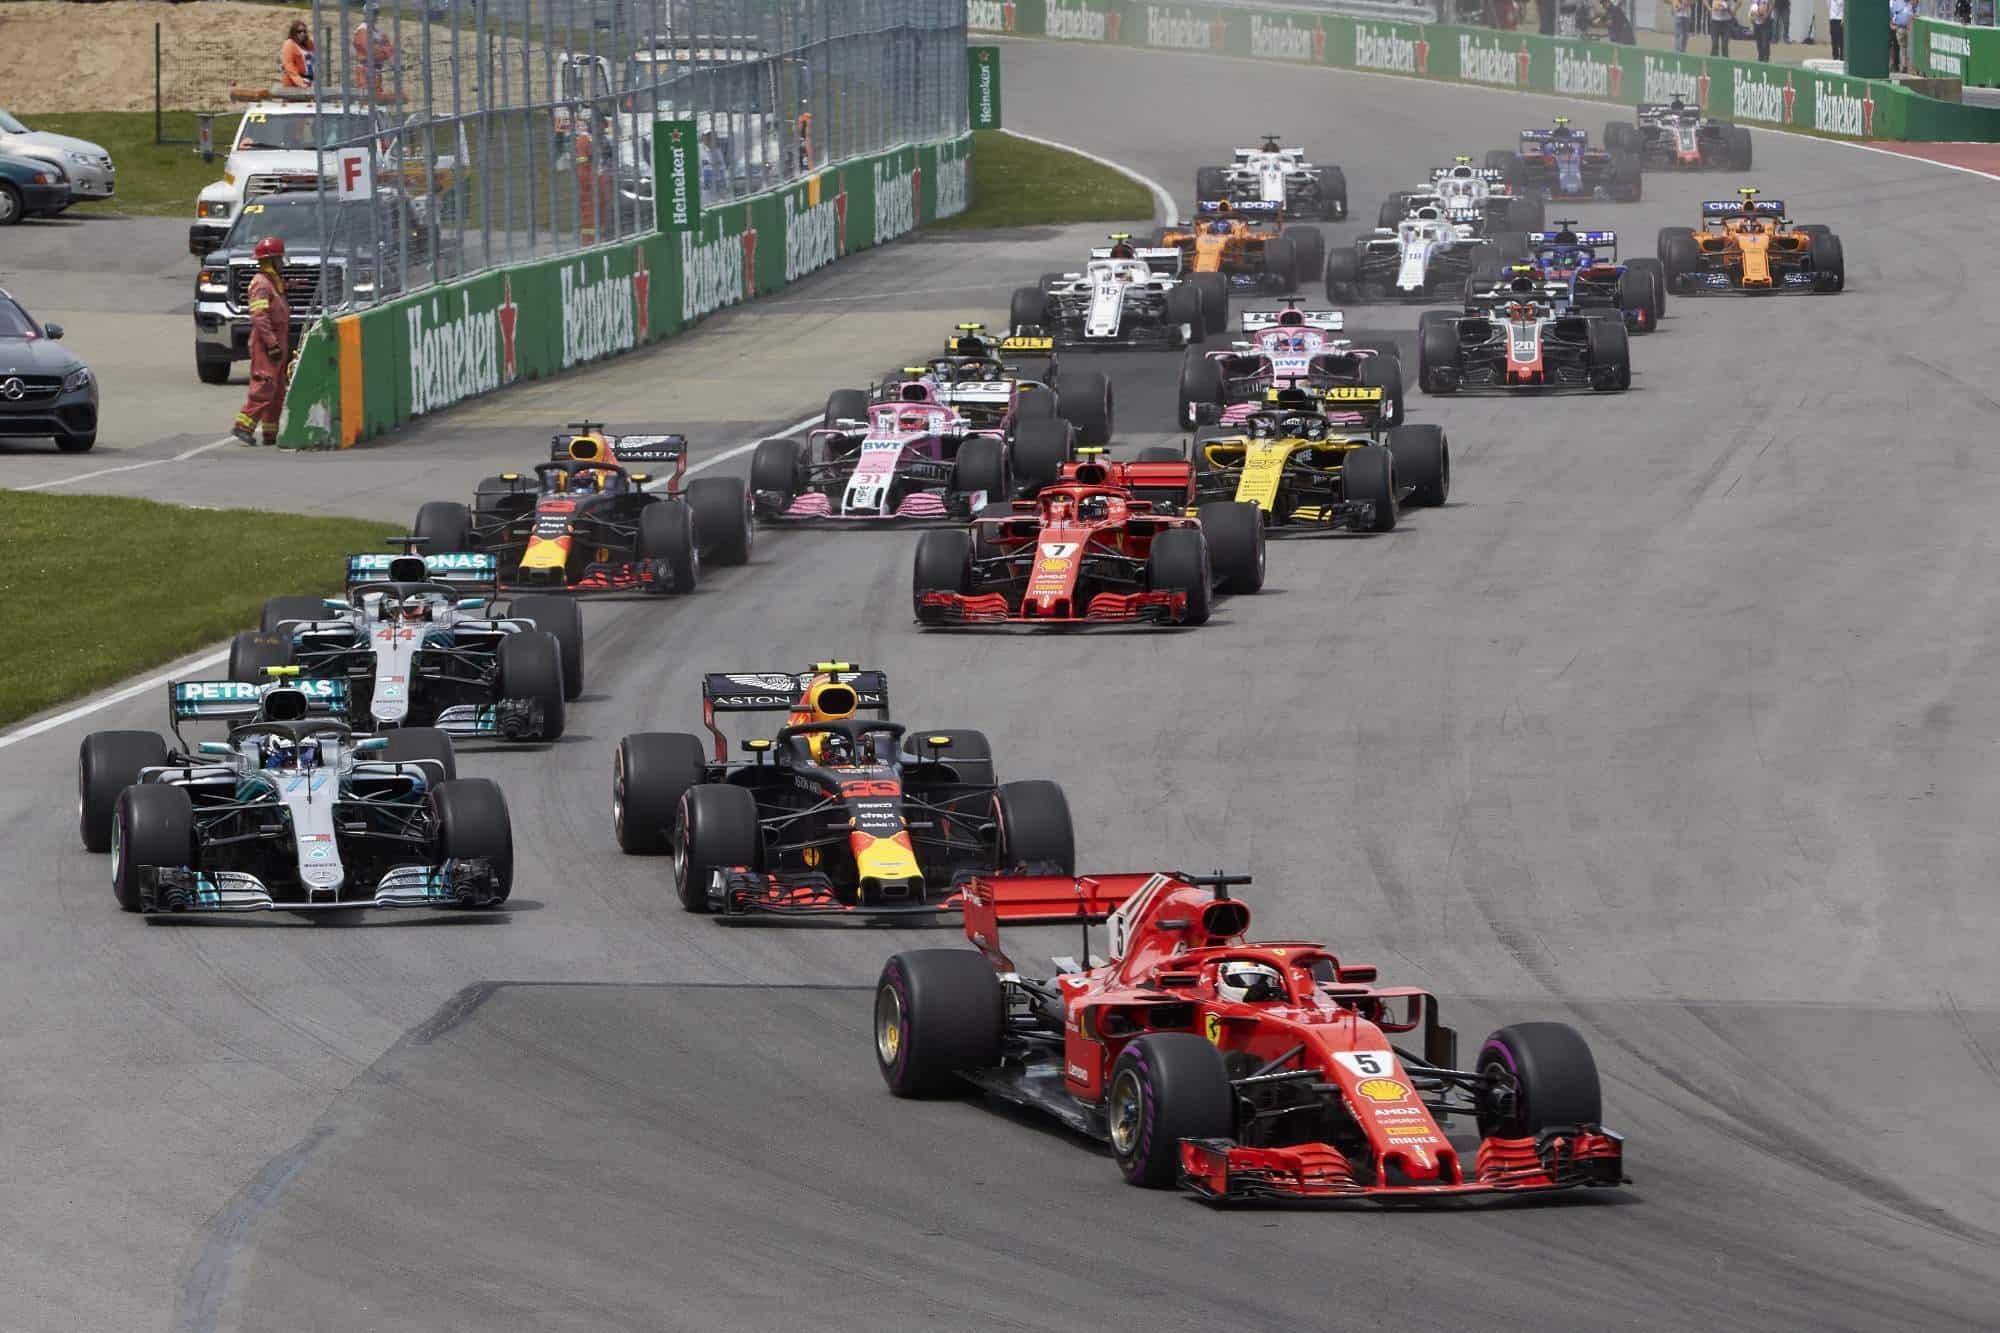 Canadian GP F1 2018 start Photo Daimler